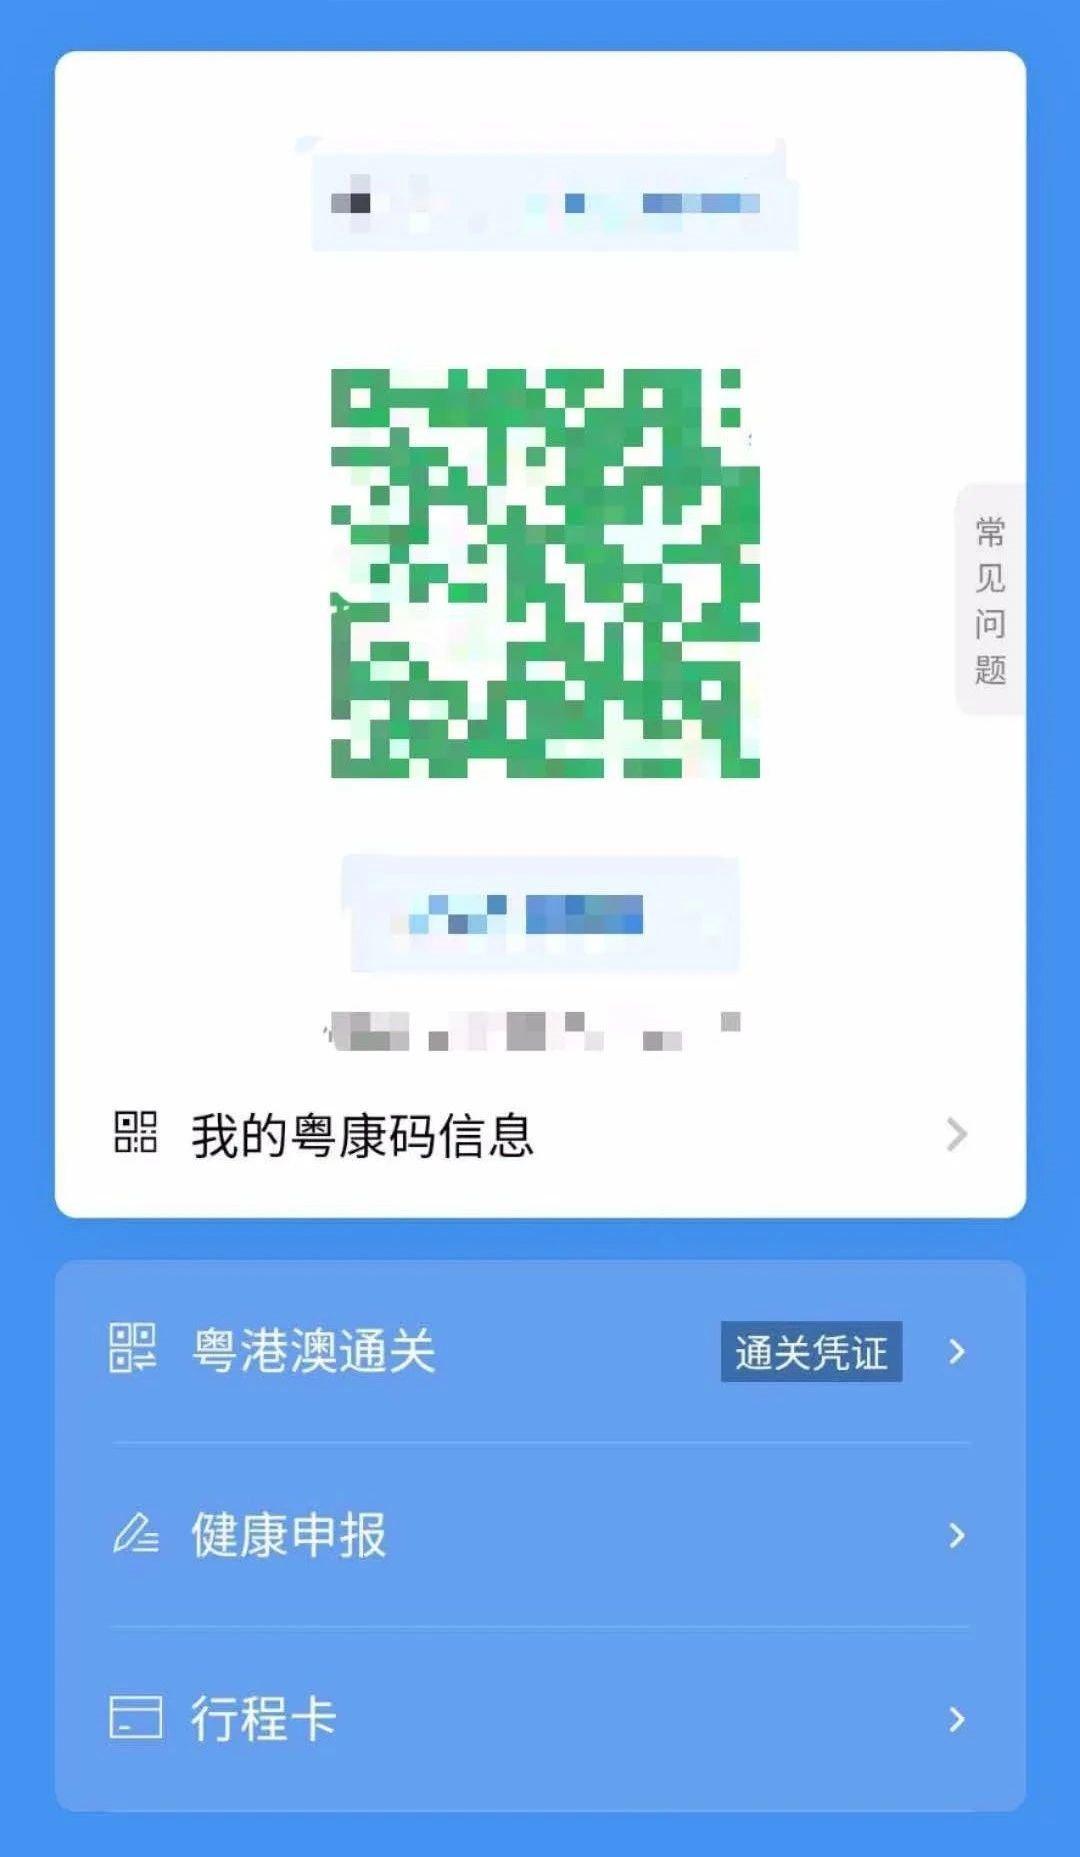 2021广东专升本考试什么时候开始健康监测?